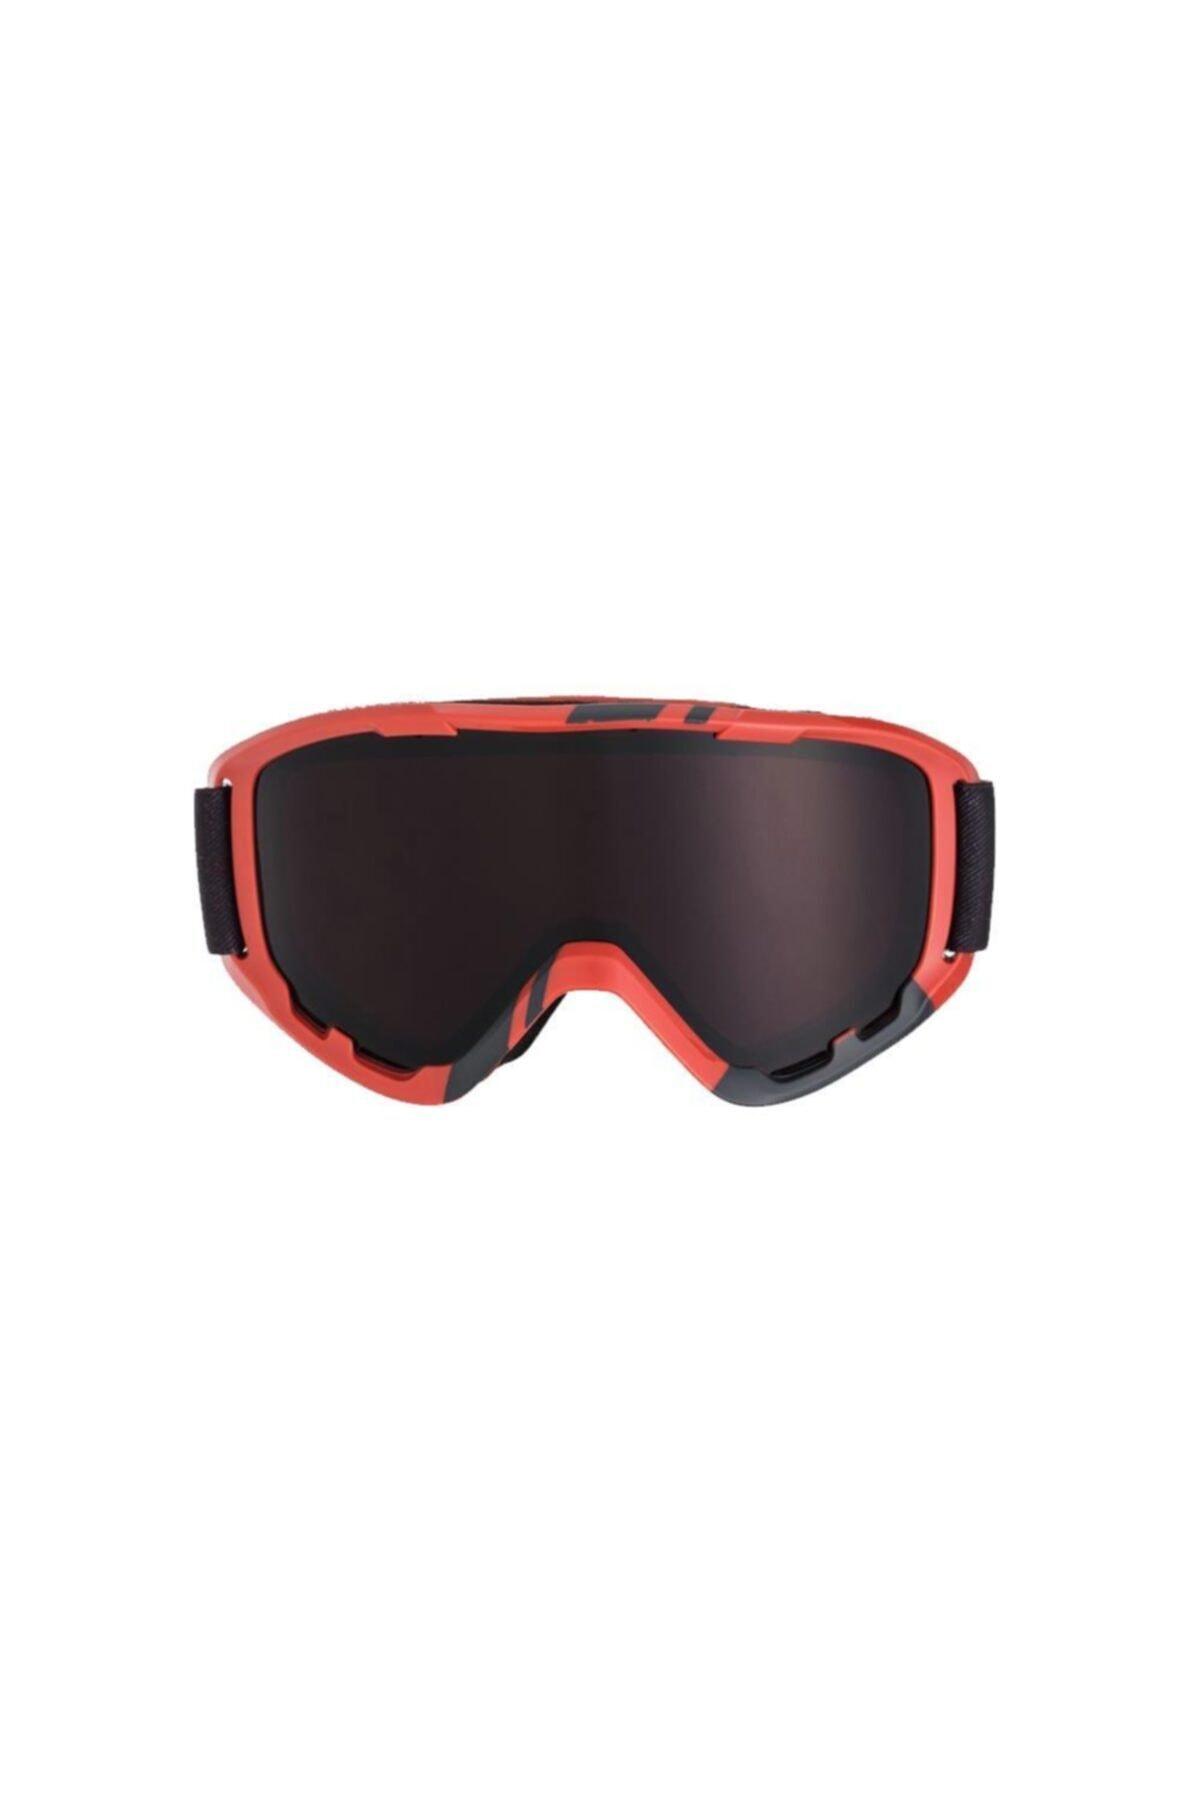 Quiksilver SHERPA M SNGG WBK0 Hardal Erkek Kayak Gözlüğü 101068447 2